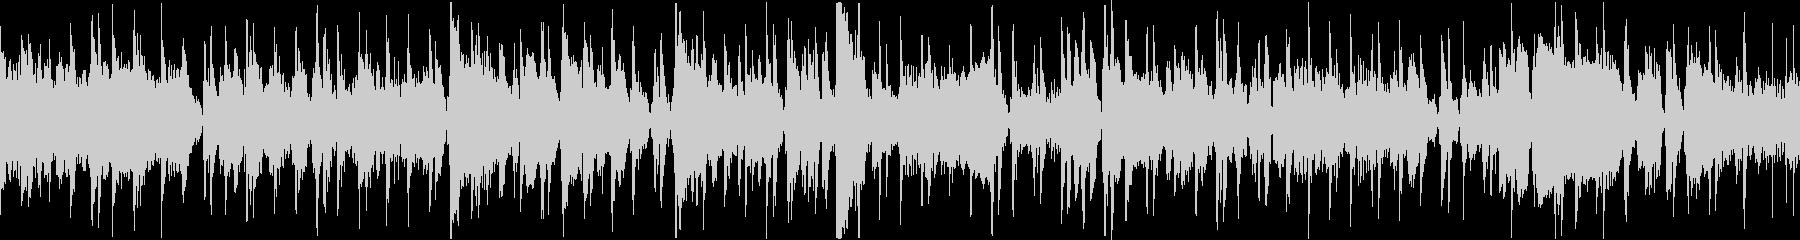 ソロトランペットが印象的なジャズトラックの未再生の波形